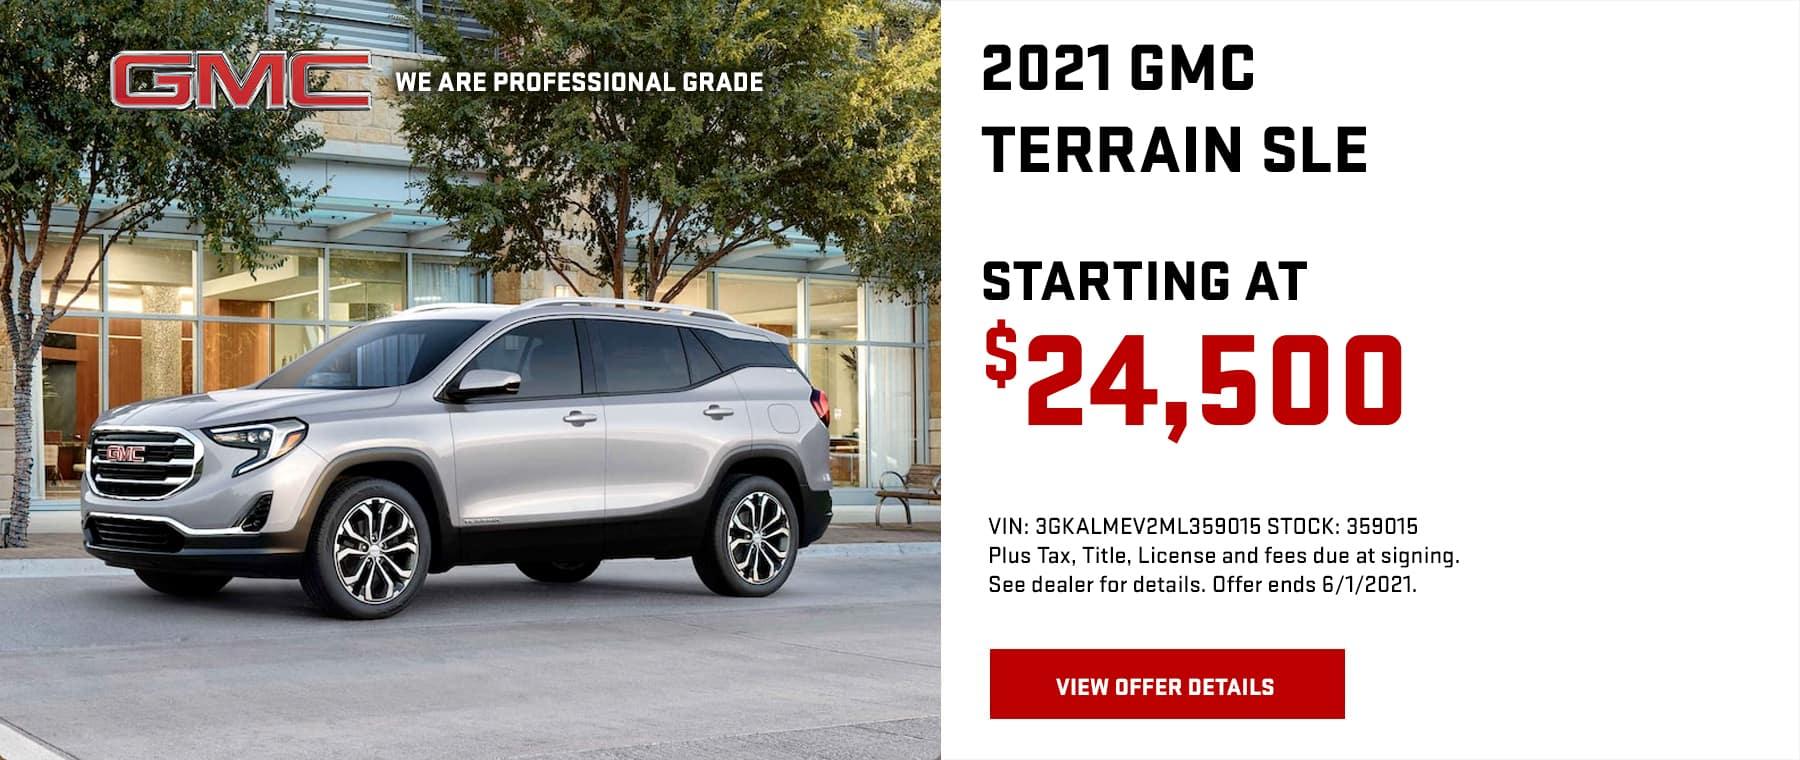 2021 GMC Terrain